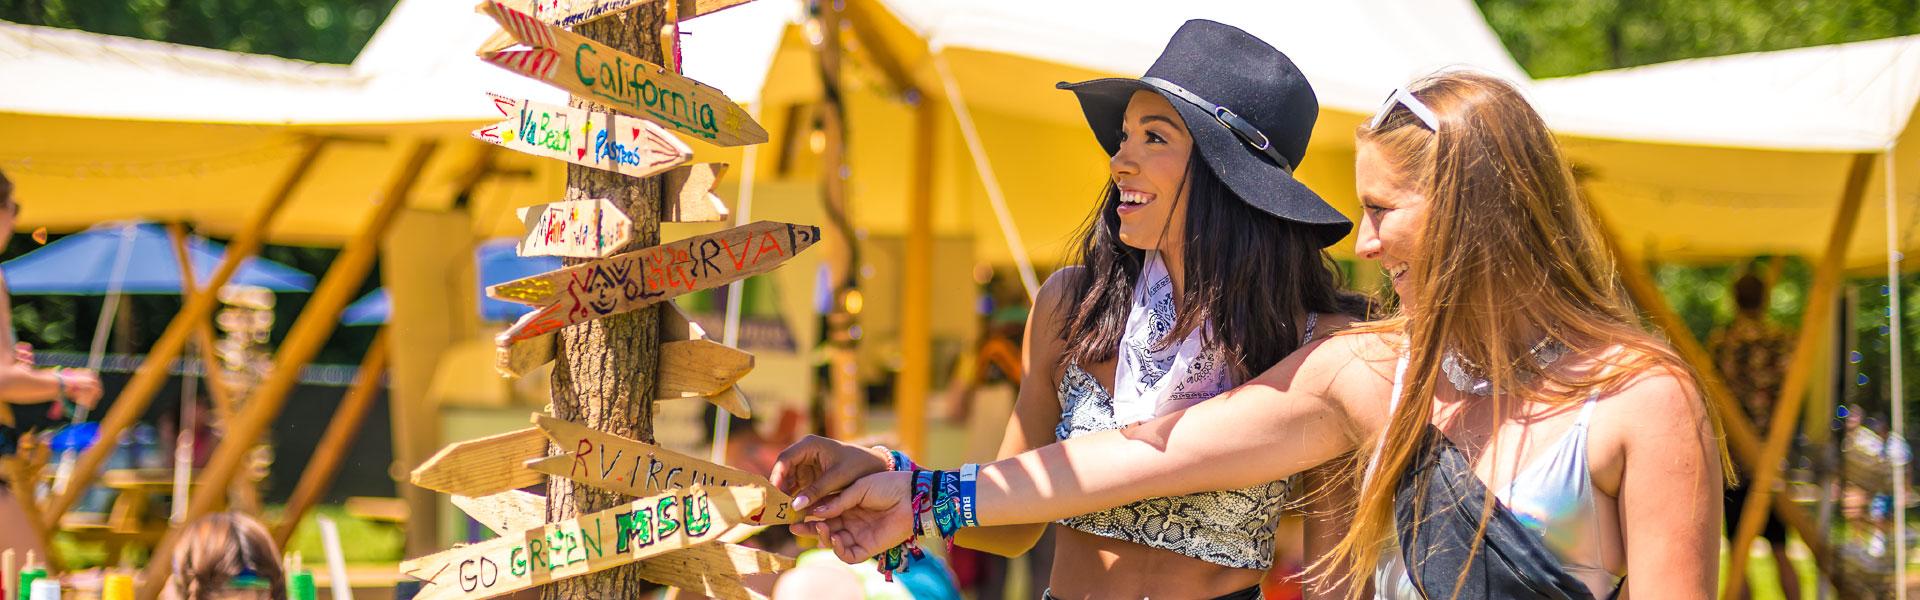 Firefly festival goers